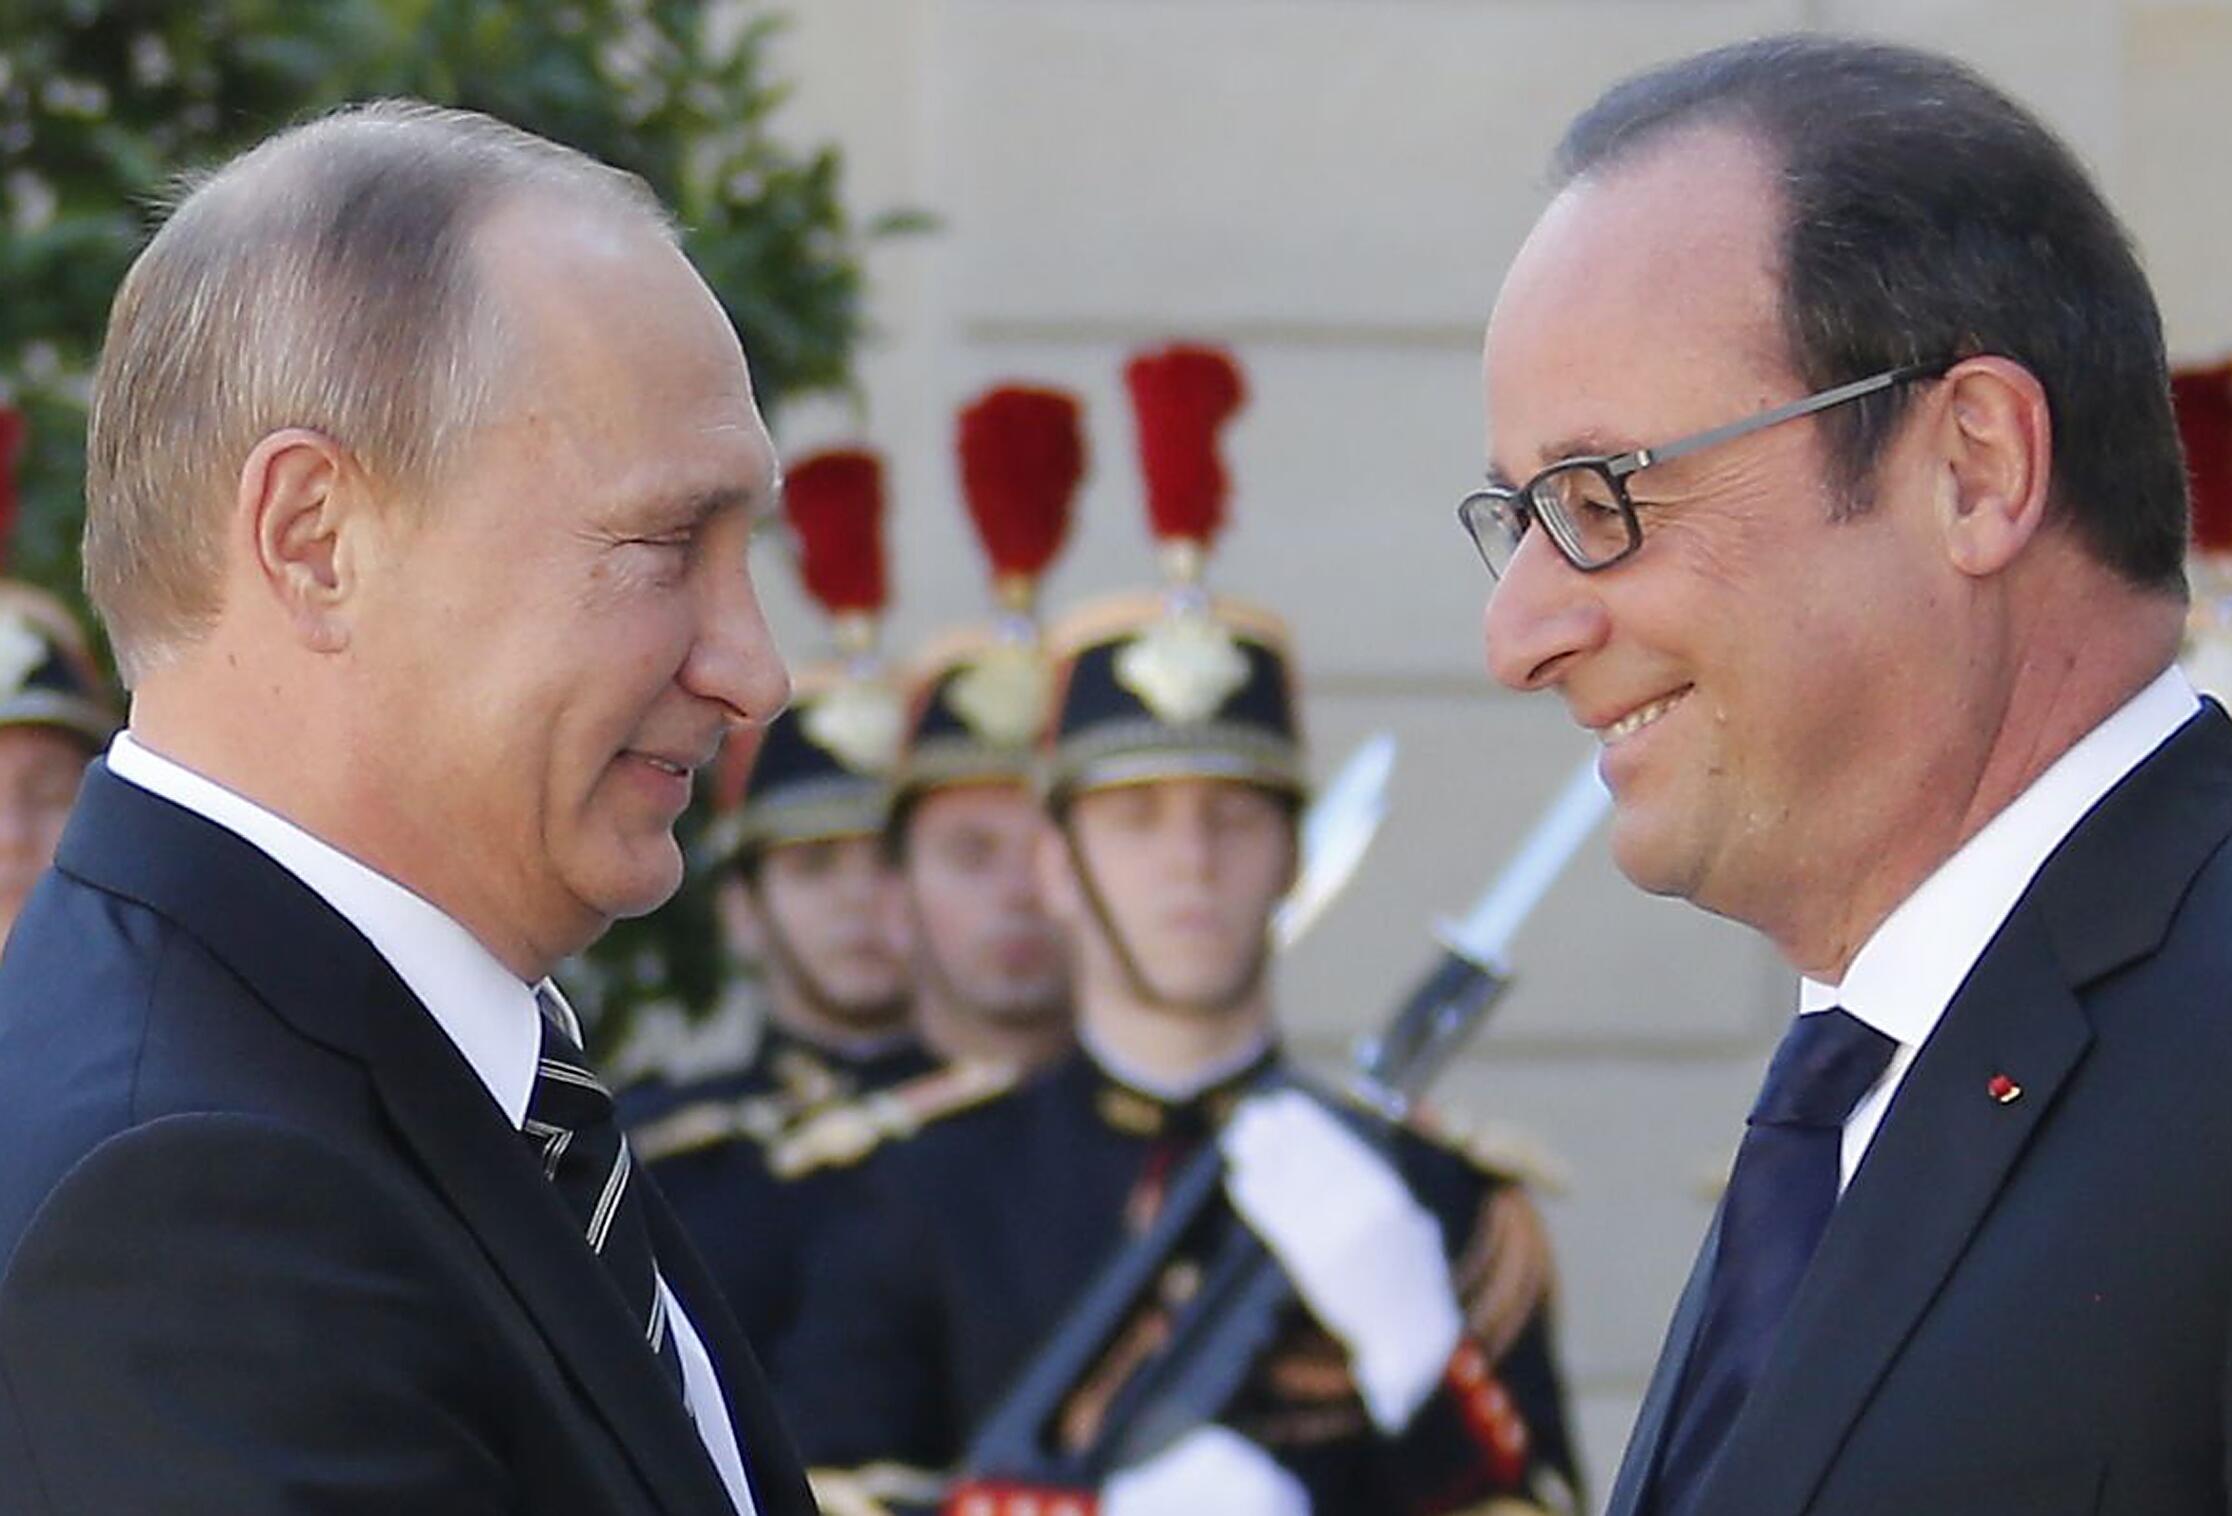 Владимир Путин и Франсуа Олланд перед саммитом «нормандской четверки» по Украине, Париж, 2 октября 2015 г.